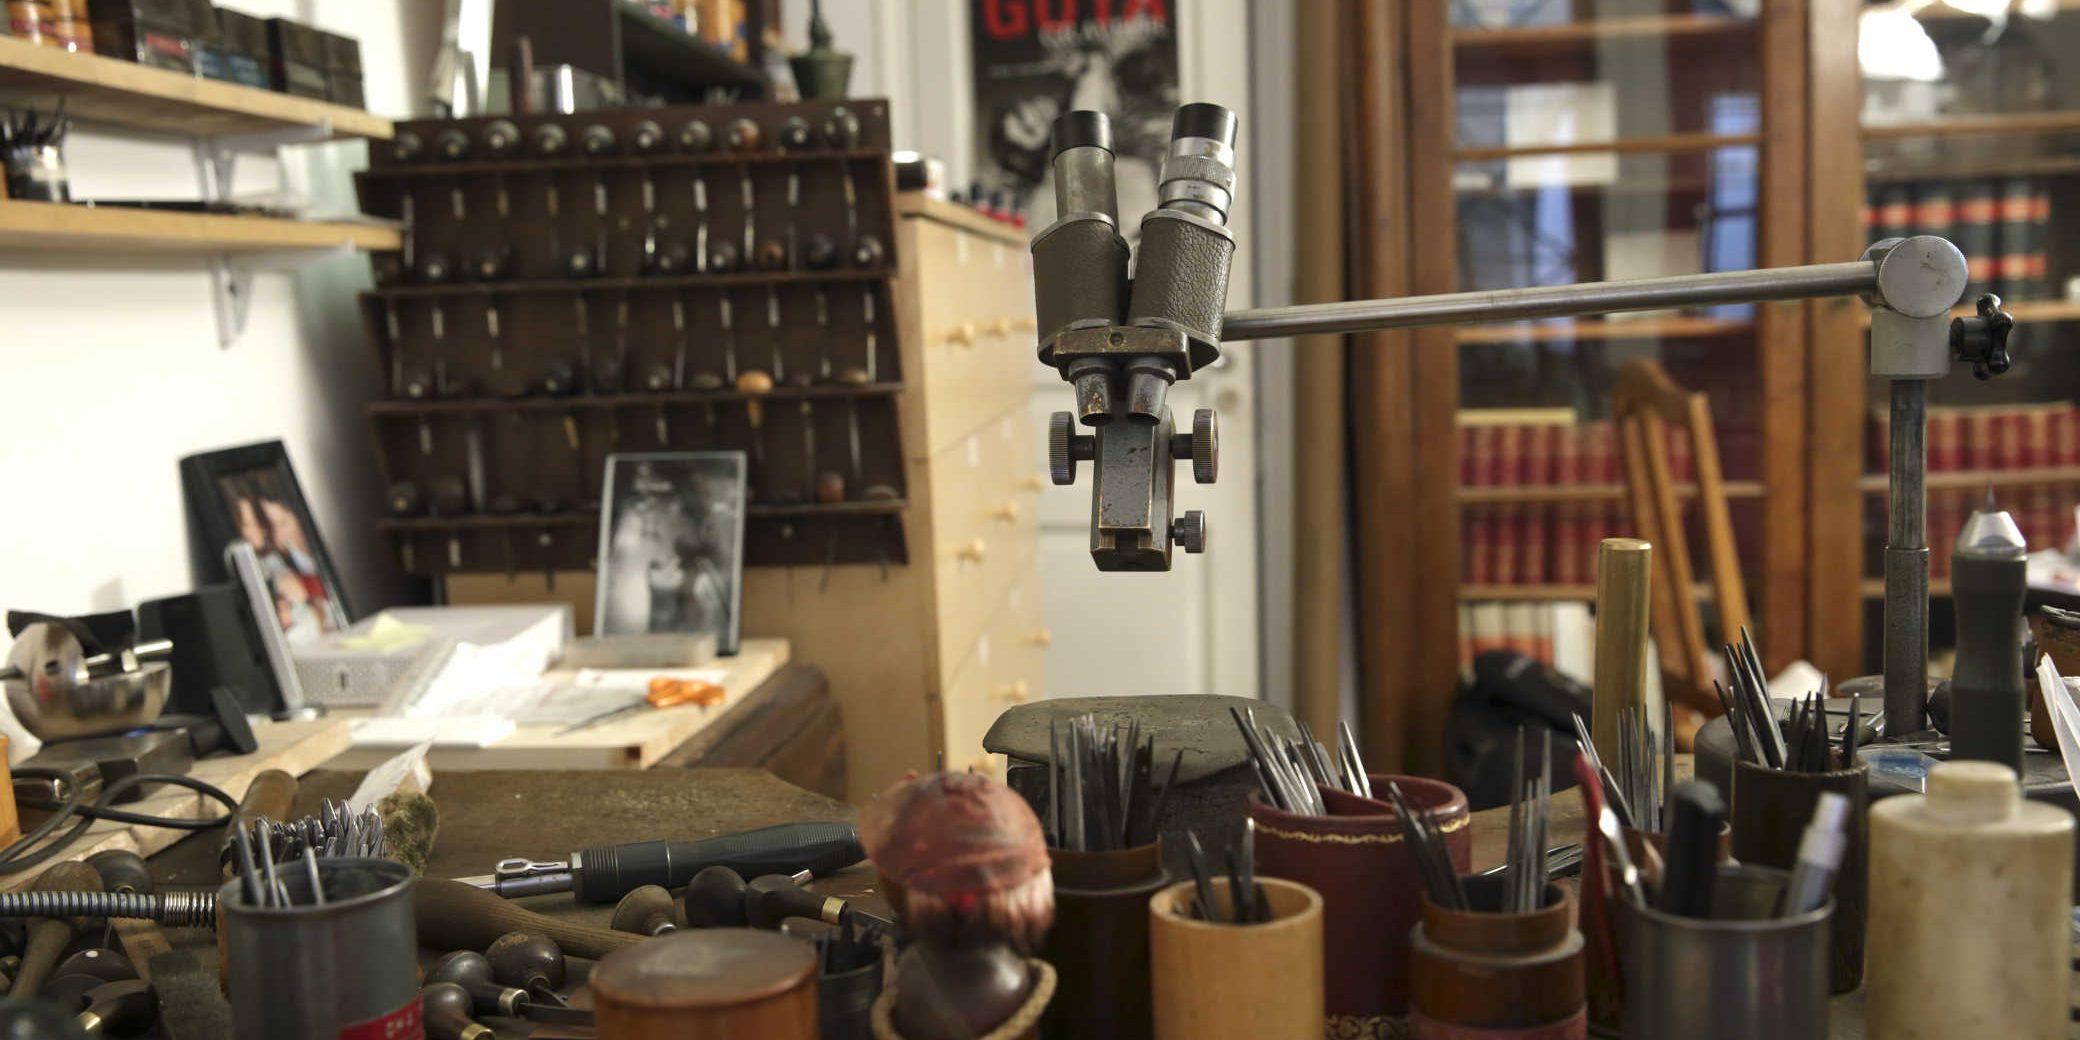 L'établi et sa loupe binoculaire © Fondazione Michelangelo / S. Pozzoli